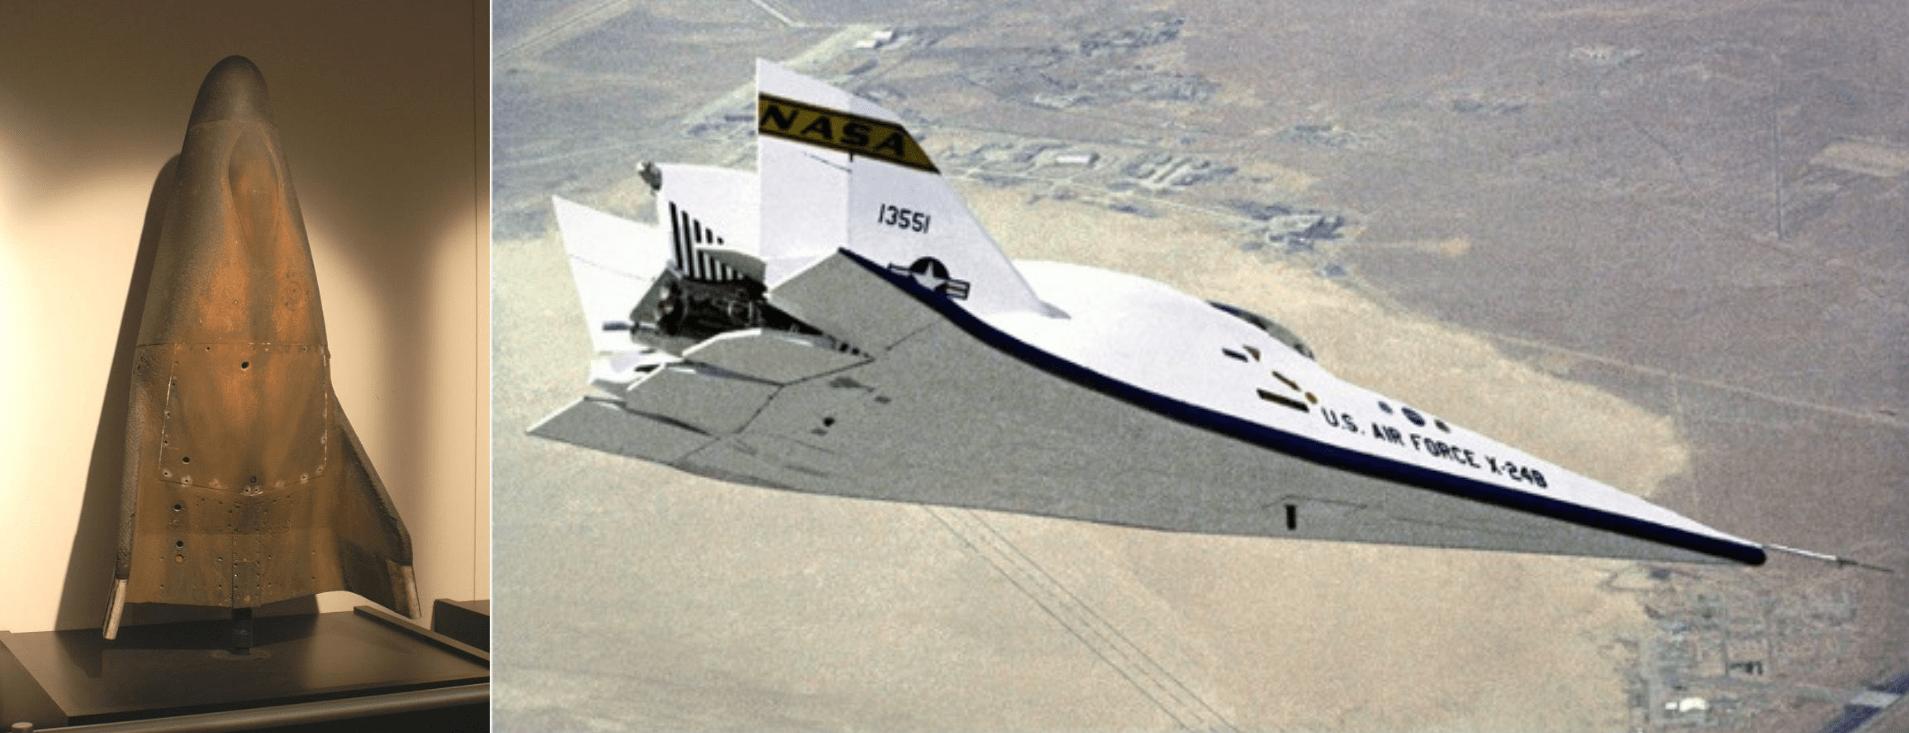 L'unico dei tre Martin X-23 PRIME sopravvissuto ai voli di prova ed il Martin Marietta X-24B in volo durante un test. Credits: NASA